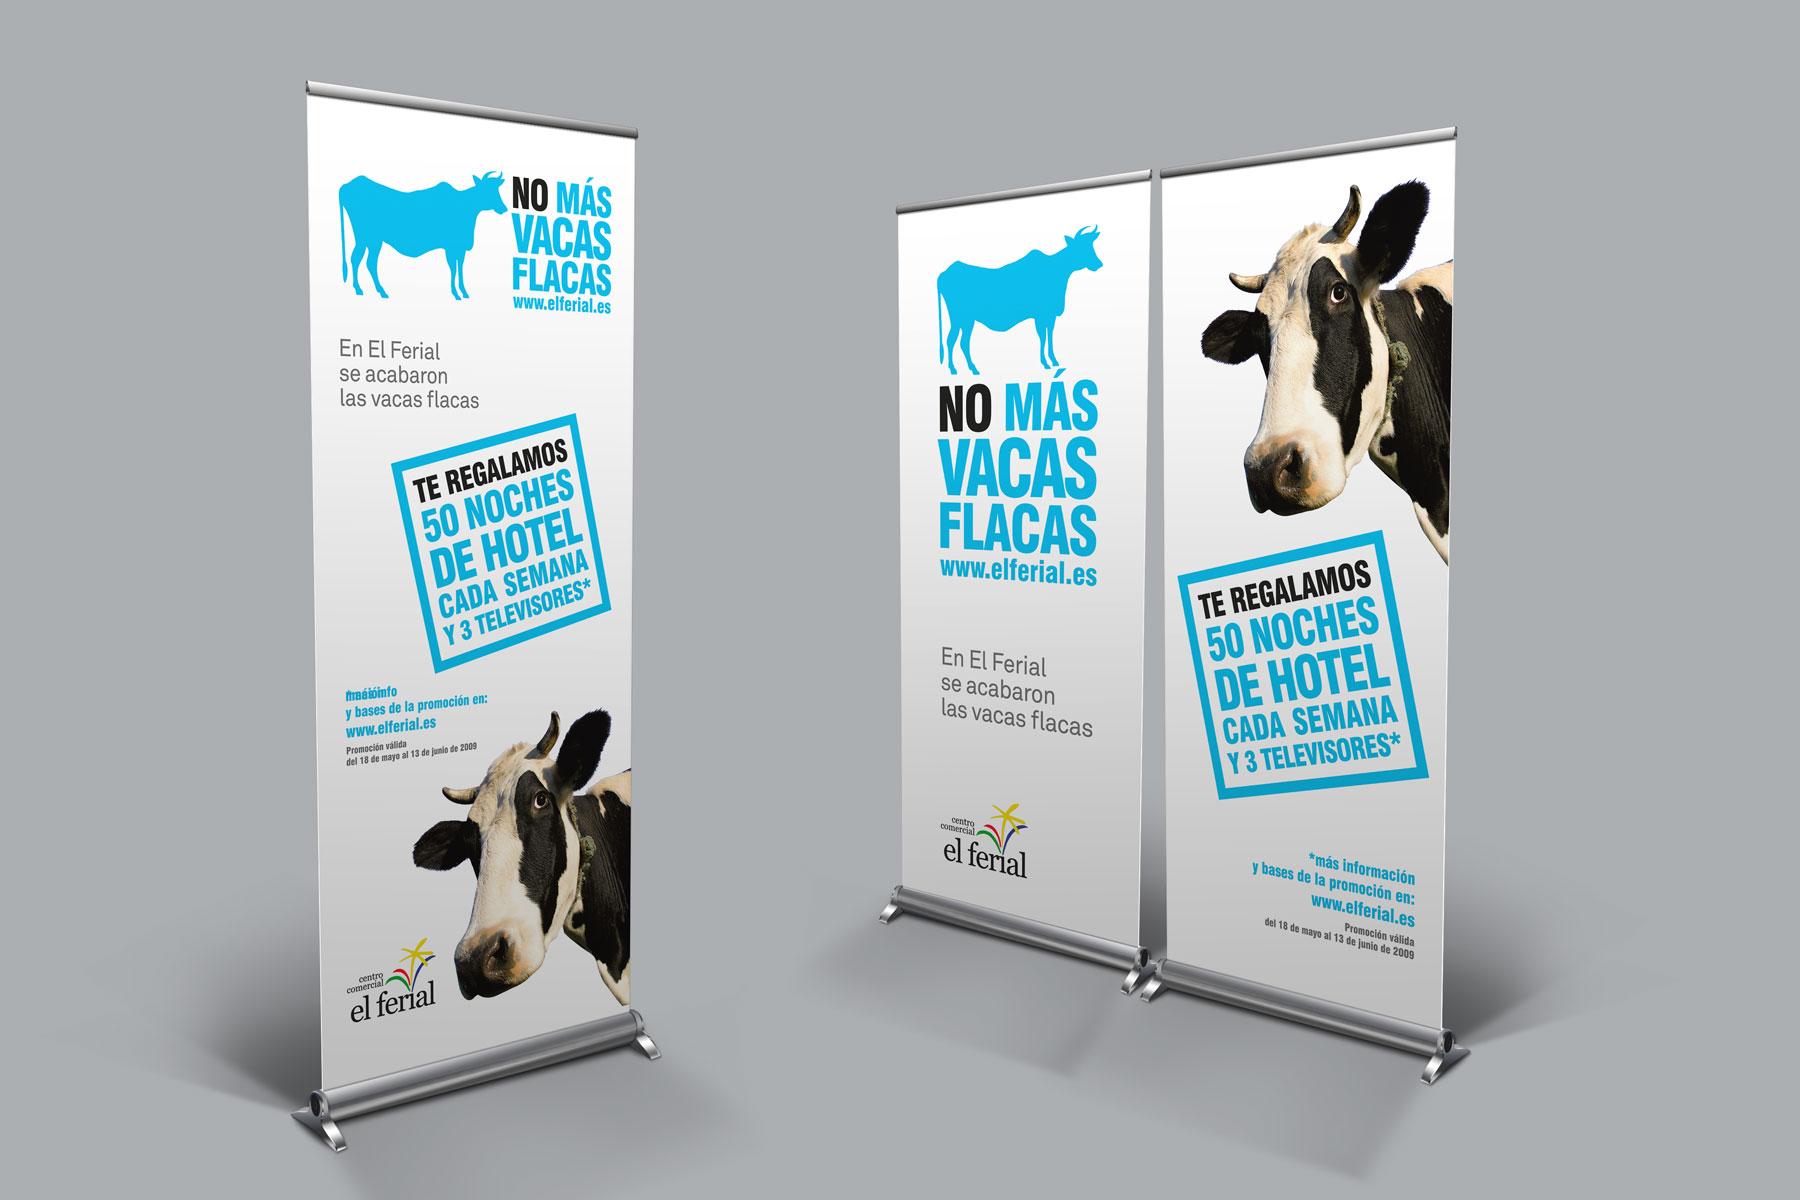 el_ferial_no_mas_vacas_flacas_rollups